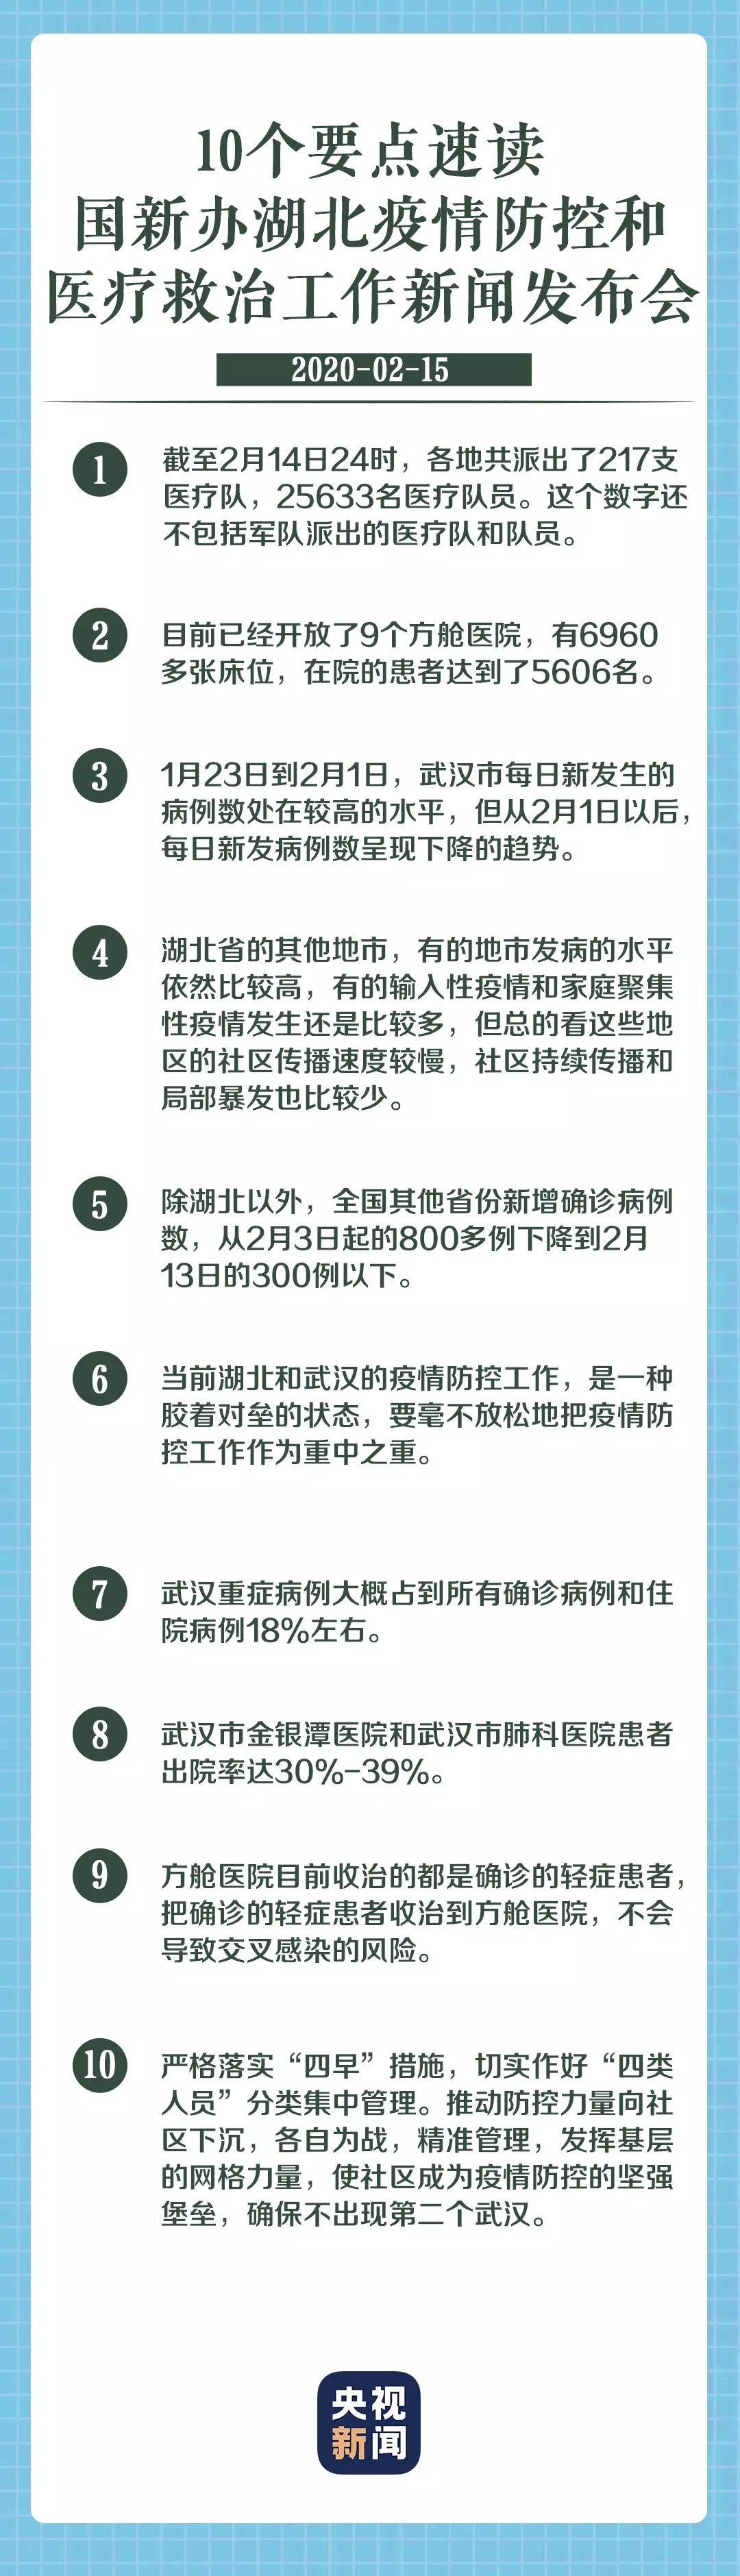 国新办发布会移到武汉举行,信息量很大!